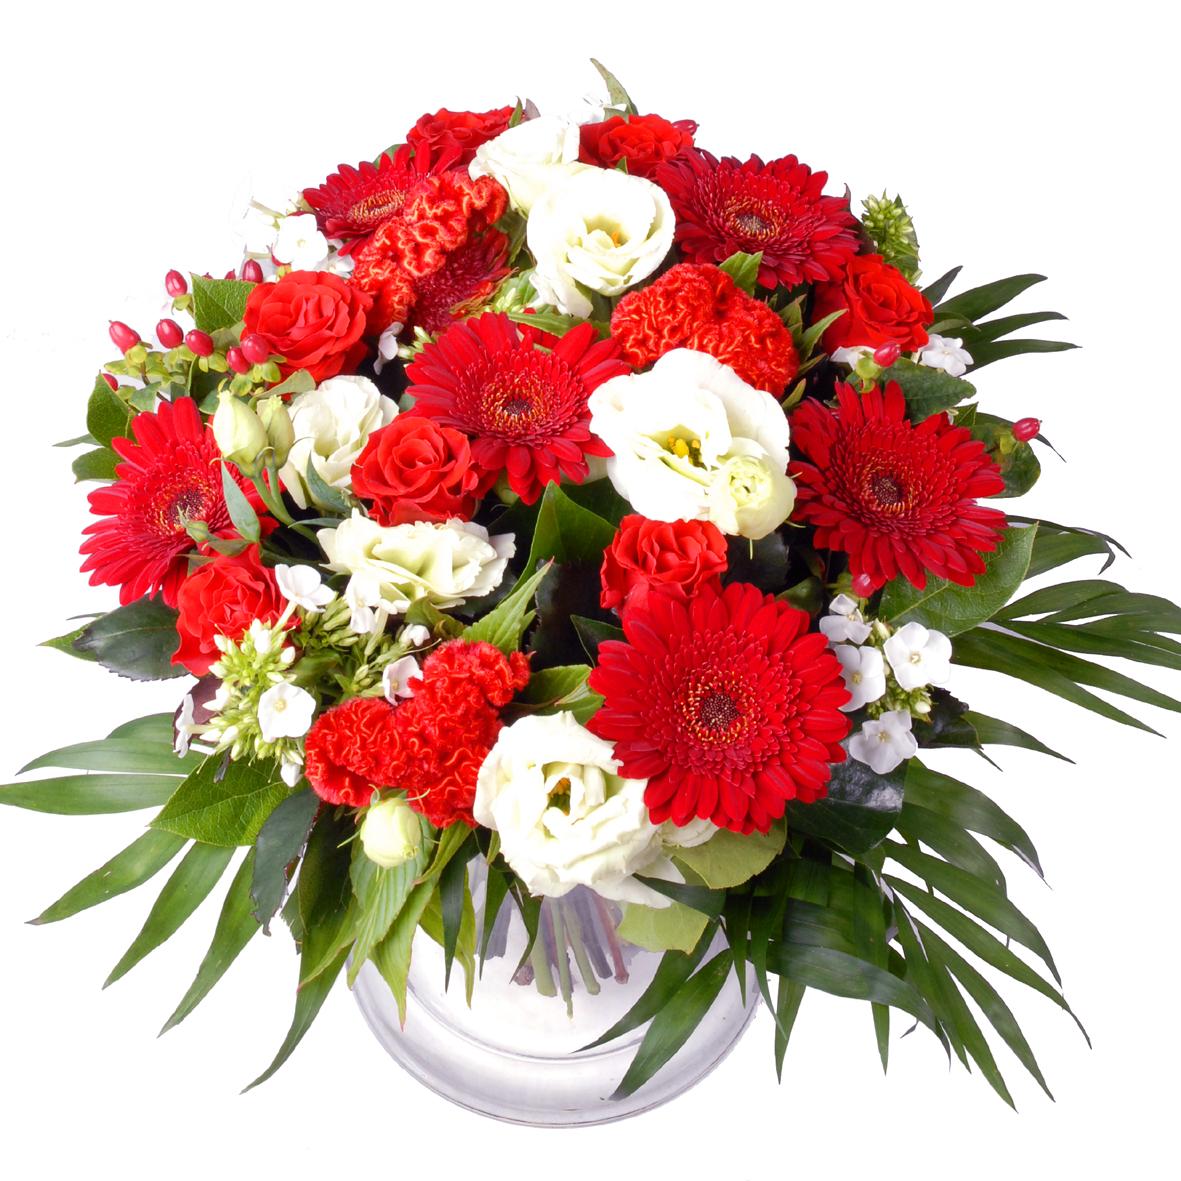 Planten Kerst bloemen Rood en Wit